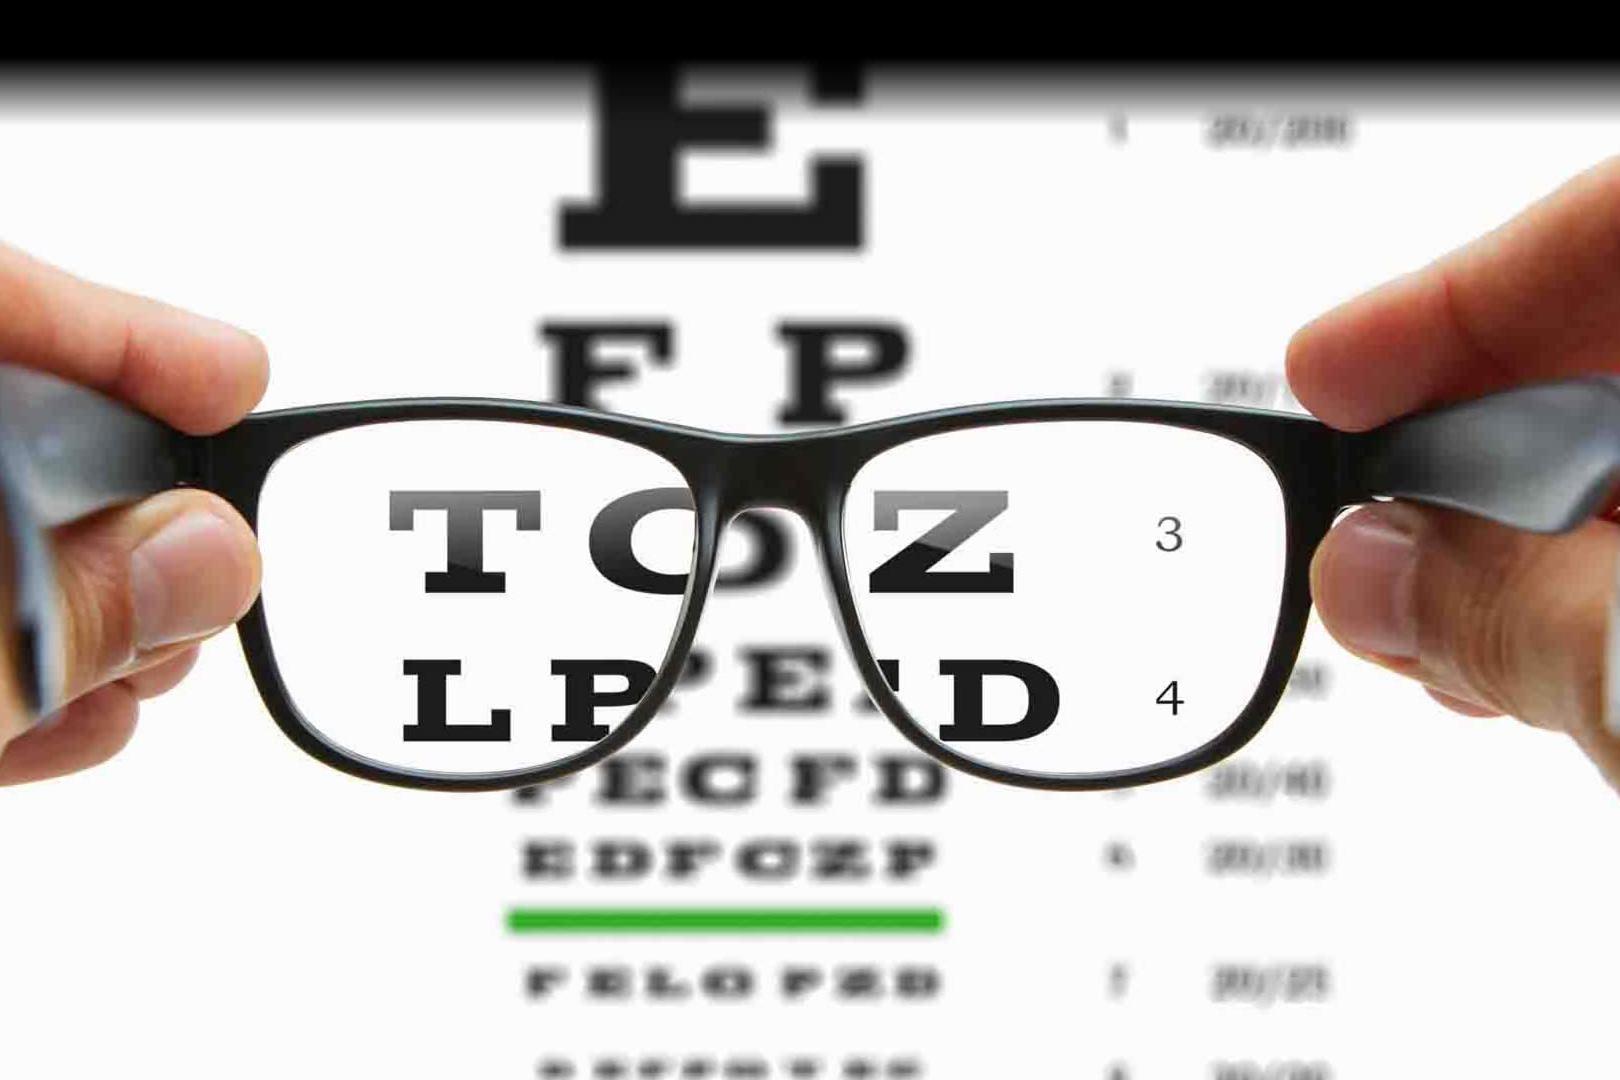 szemtöltő látás helyreállítása ki milyen vitaminokat segített a látáshoz